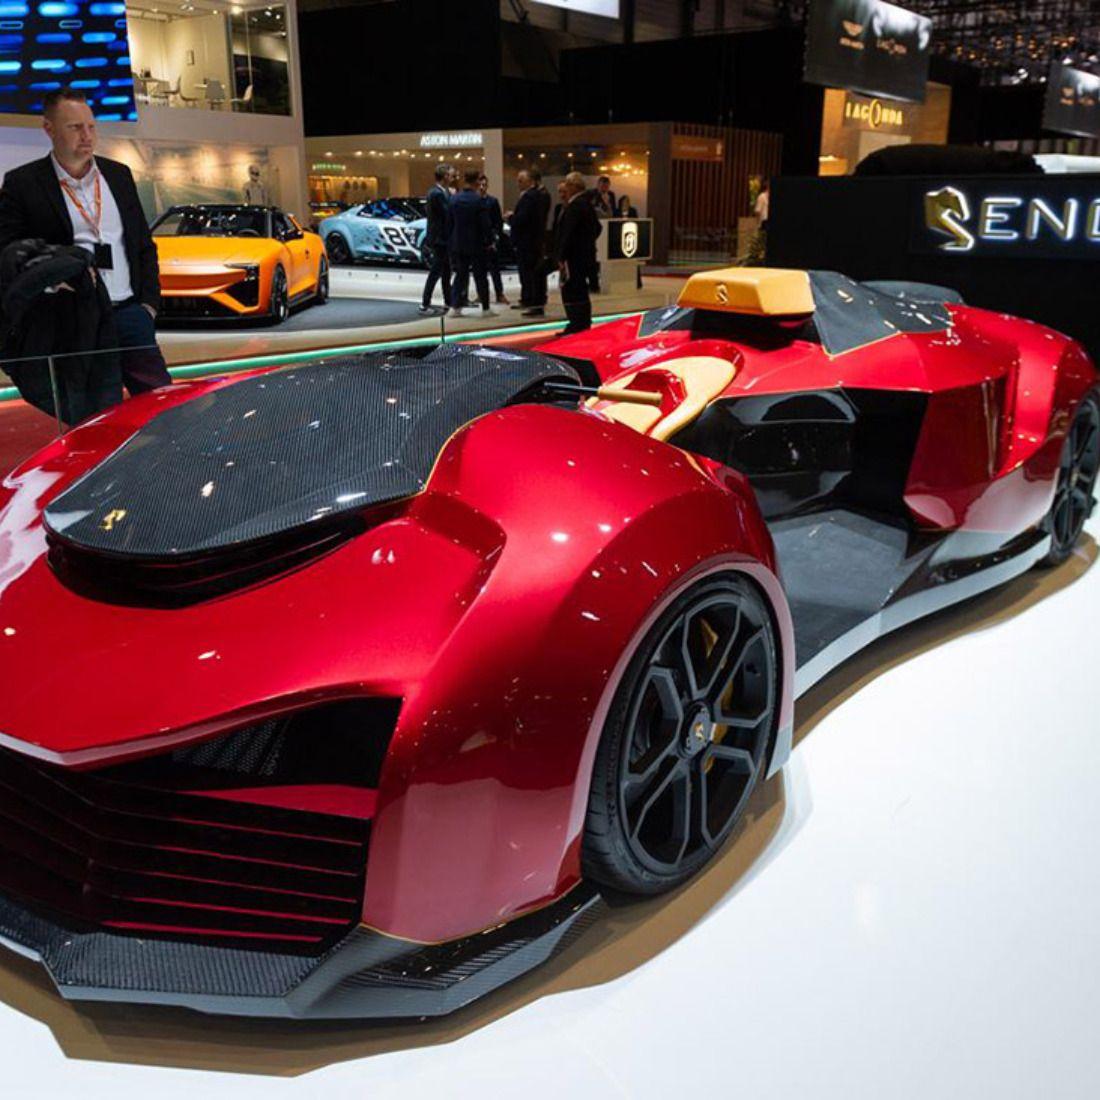 Encuentra Autos Convertibles En Venta: ☣️ #EnglerFFSuperQuad V10, 5.2 Lts, 800 Hp, 800 Kgs